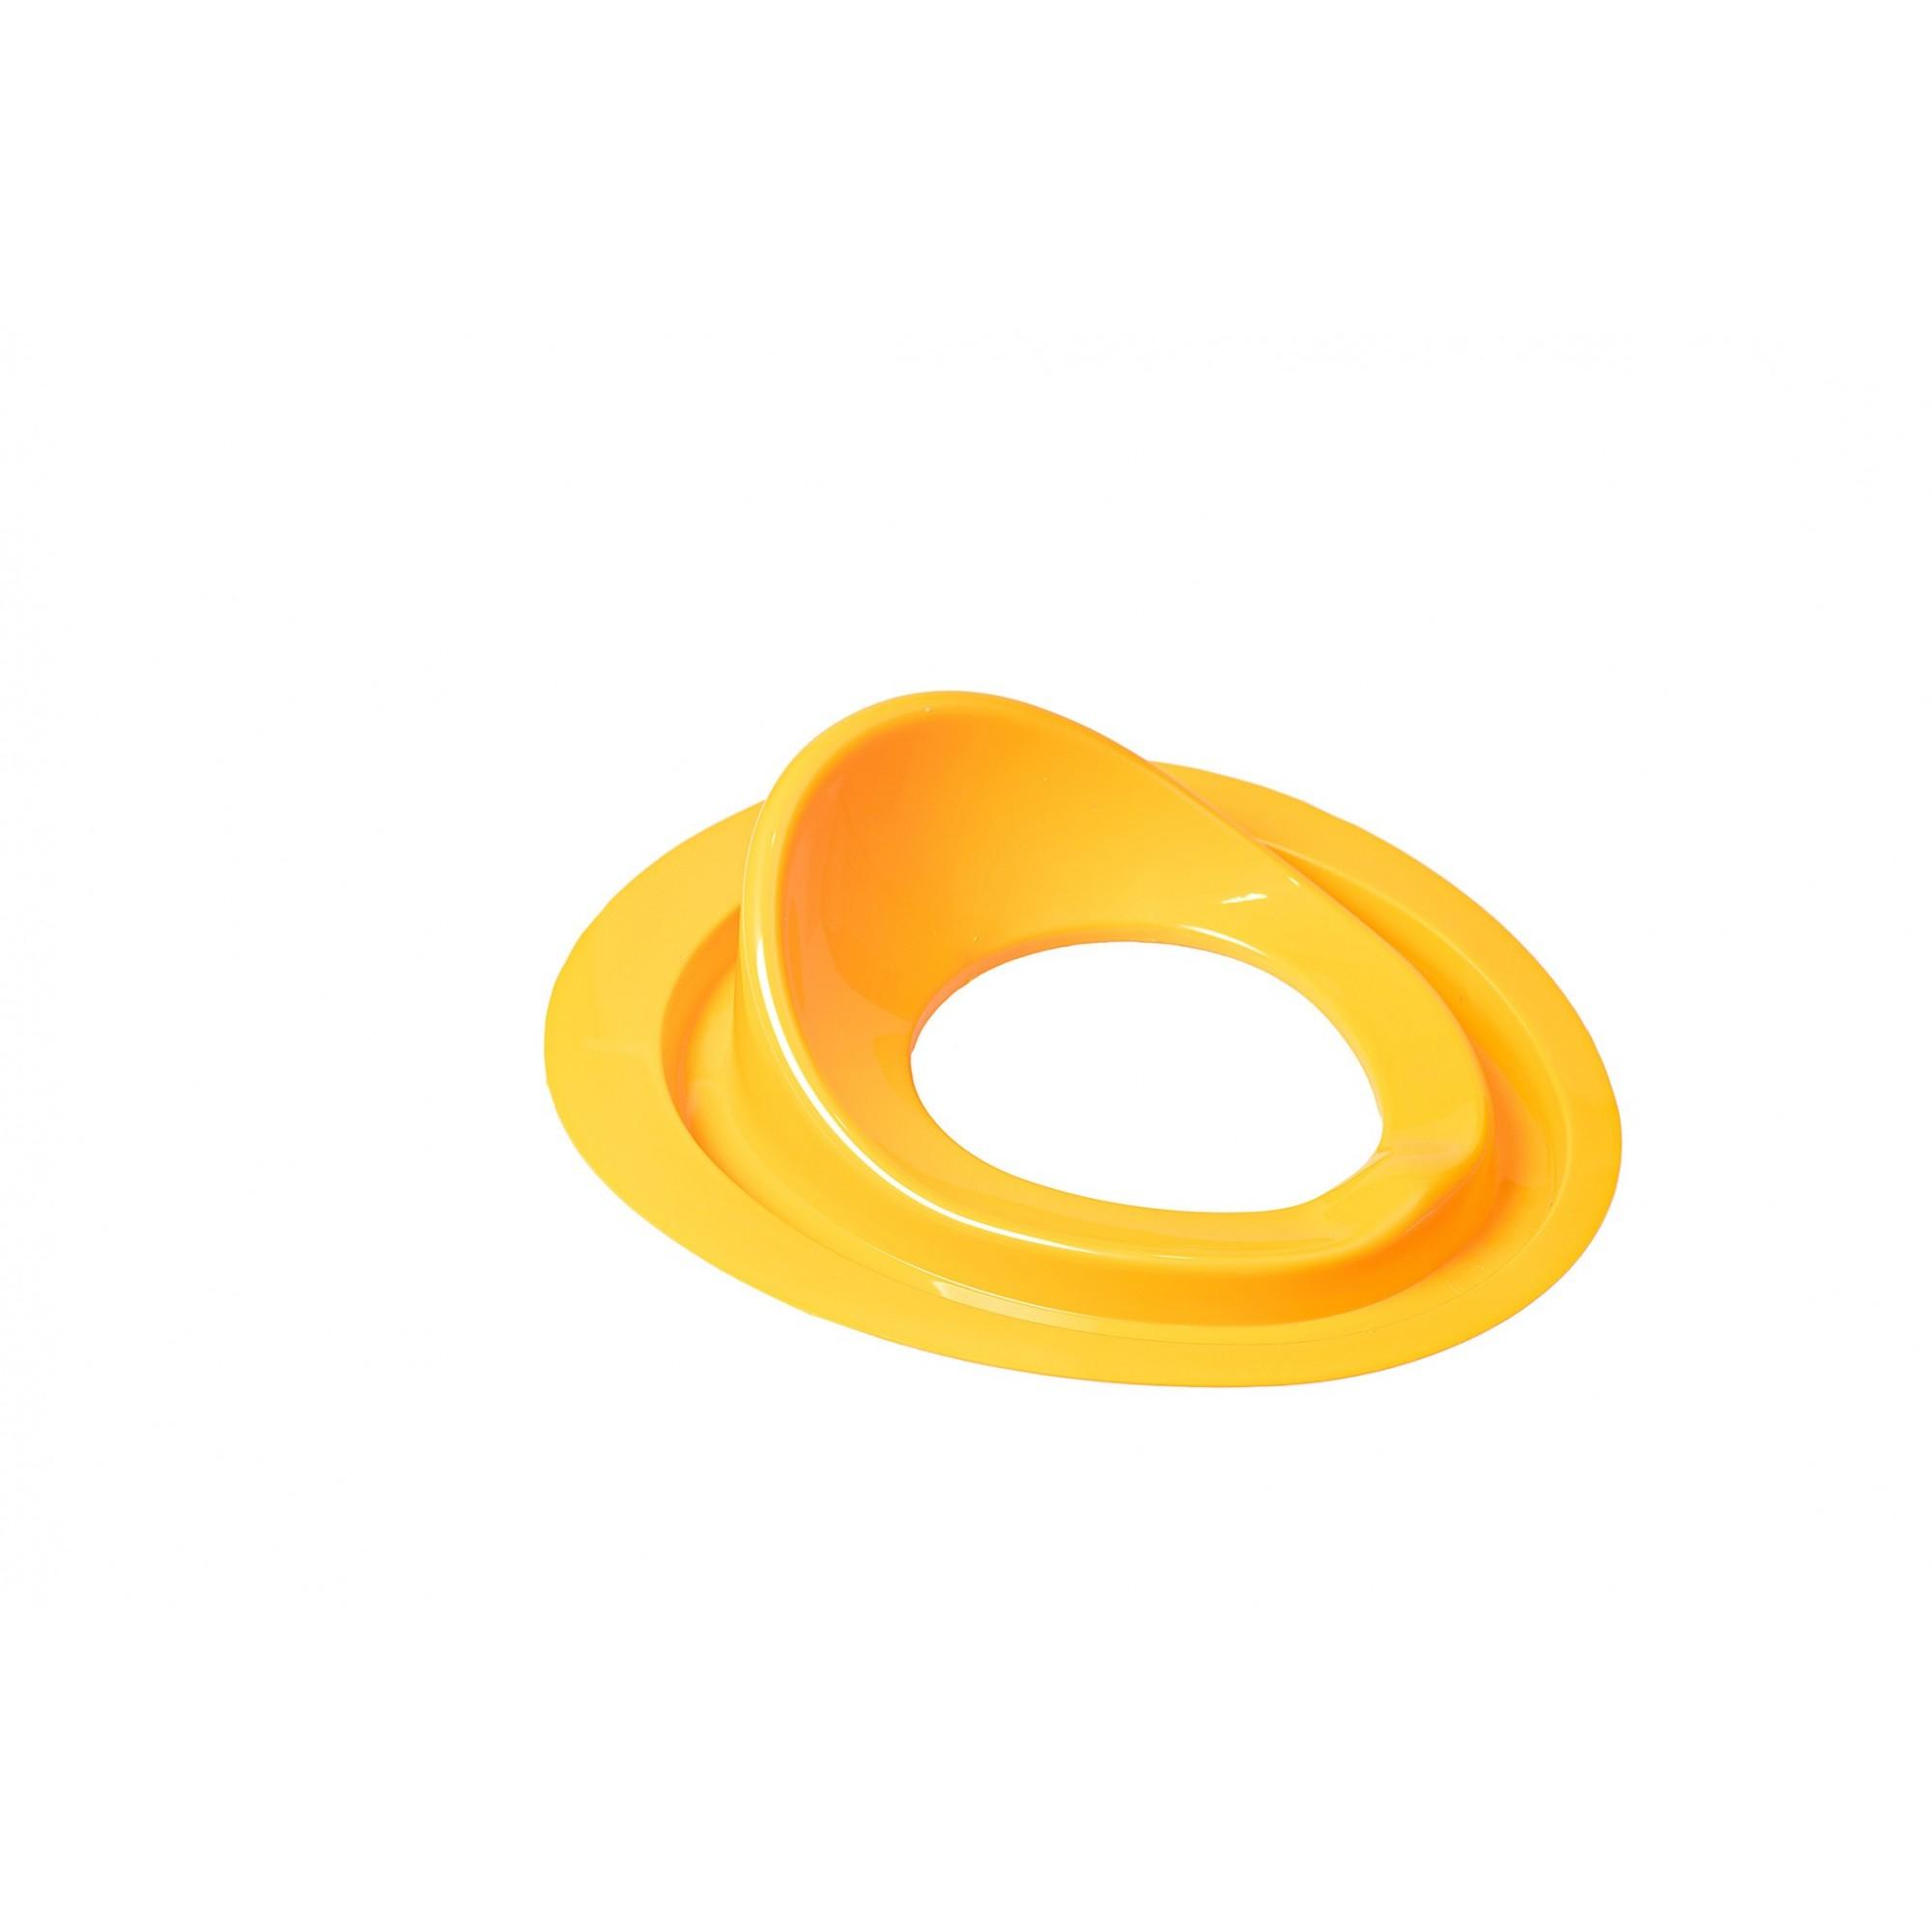 Накладка детская для унитаза SYDANIT Бобас под крышку желтая SYDANIT - 1